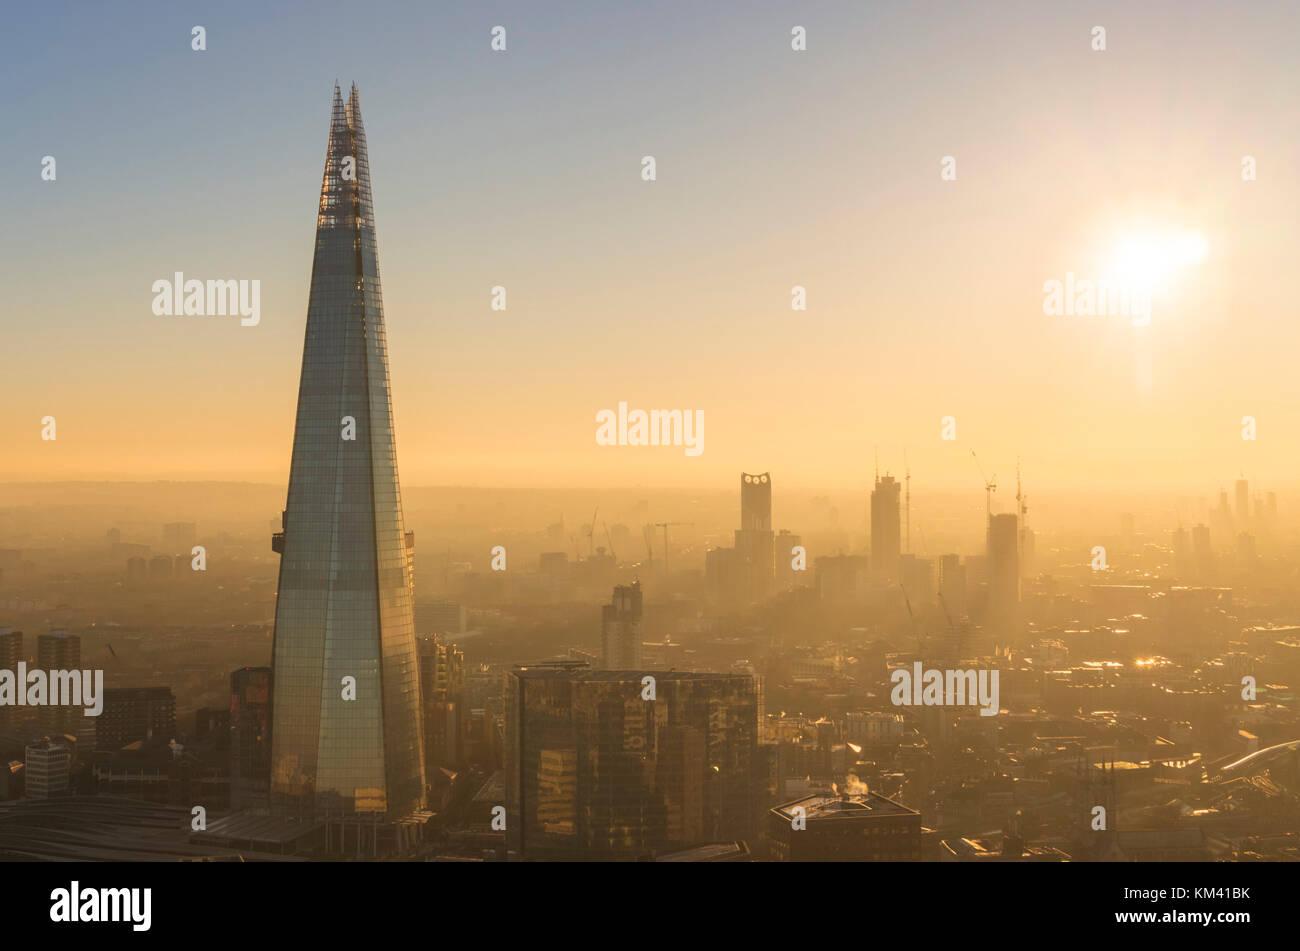 La shard Londra Inghilterra Londra uk gb UE Europa la shard Londra Londra Inghilterra Regno unito Gb eu europe Foto Stock